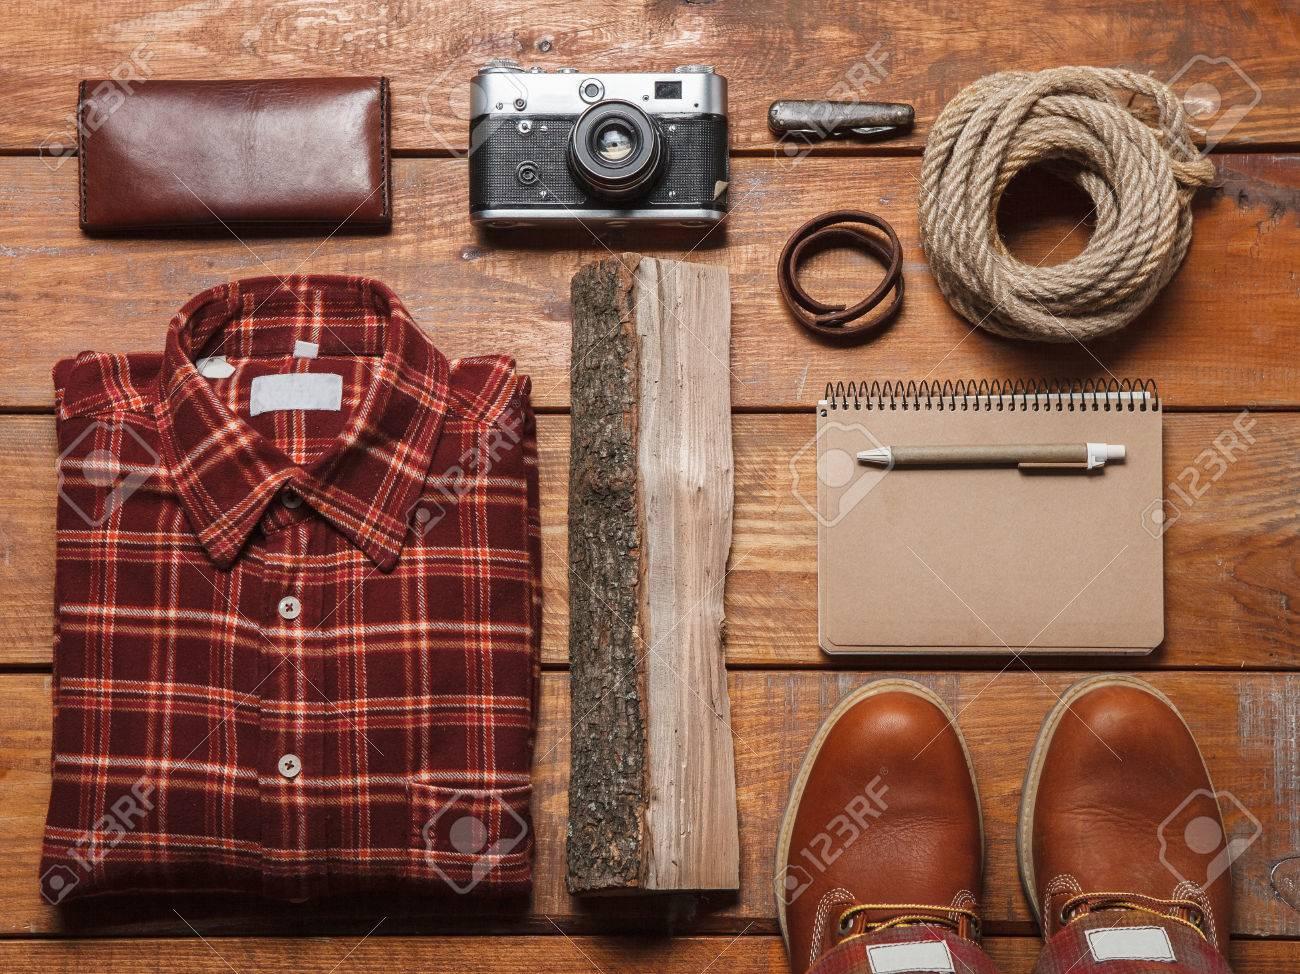 calidad superior novísimo selección seleccione para el último Accesorios para hombres camisa -checkered, cuadernos, bolígrafos, cámaras  retro, zapatos de cuero y partmane sobre la mesa de madera